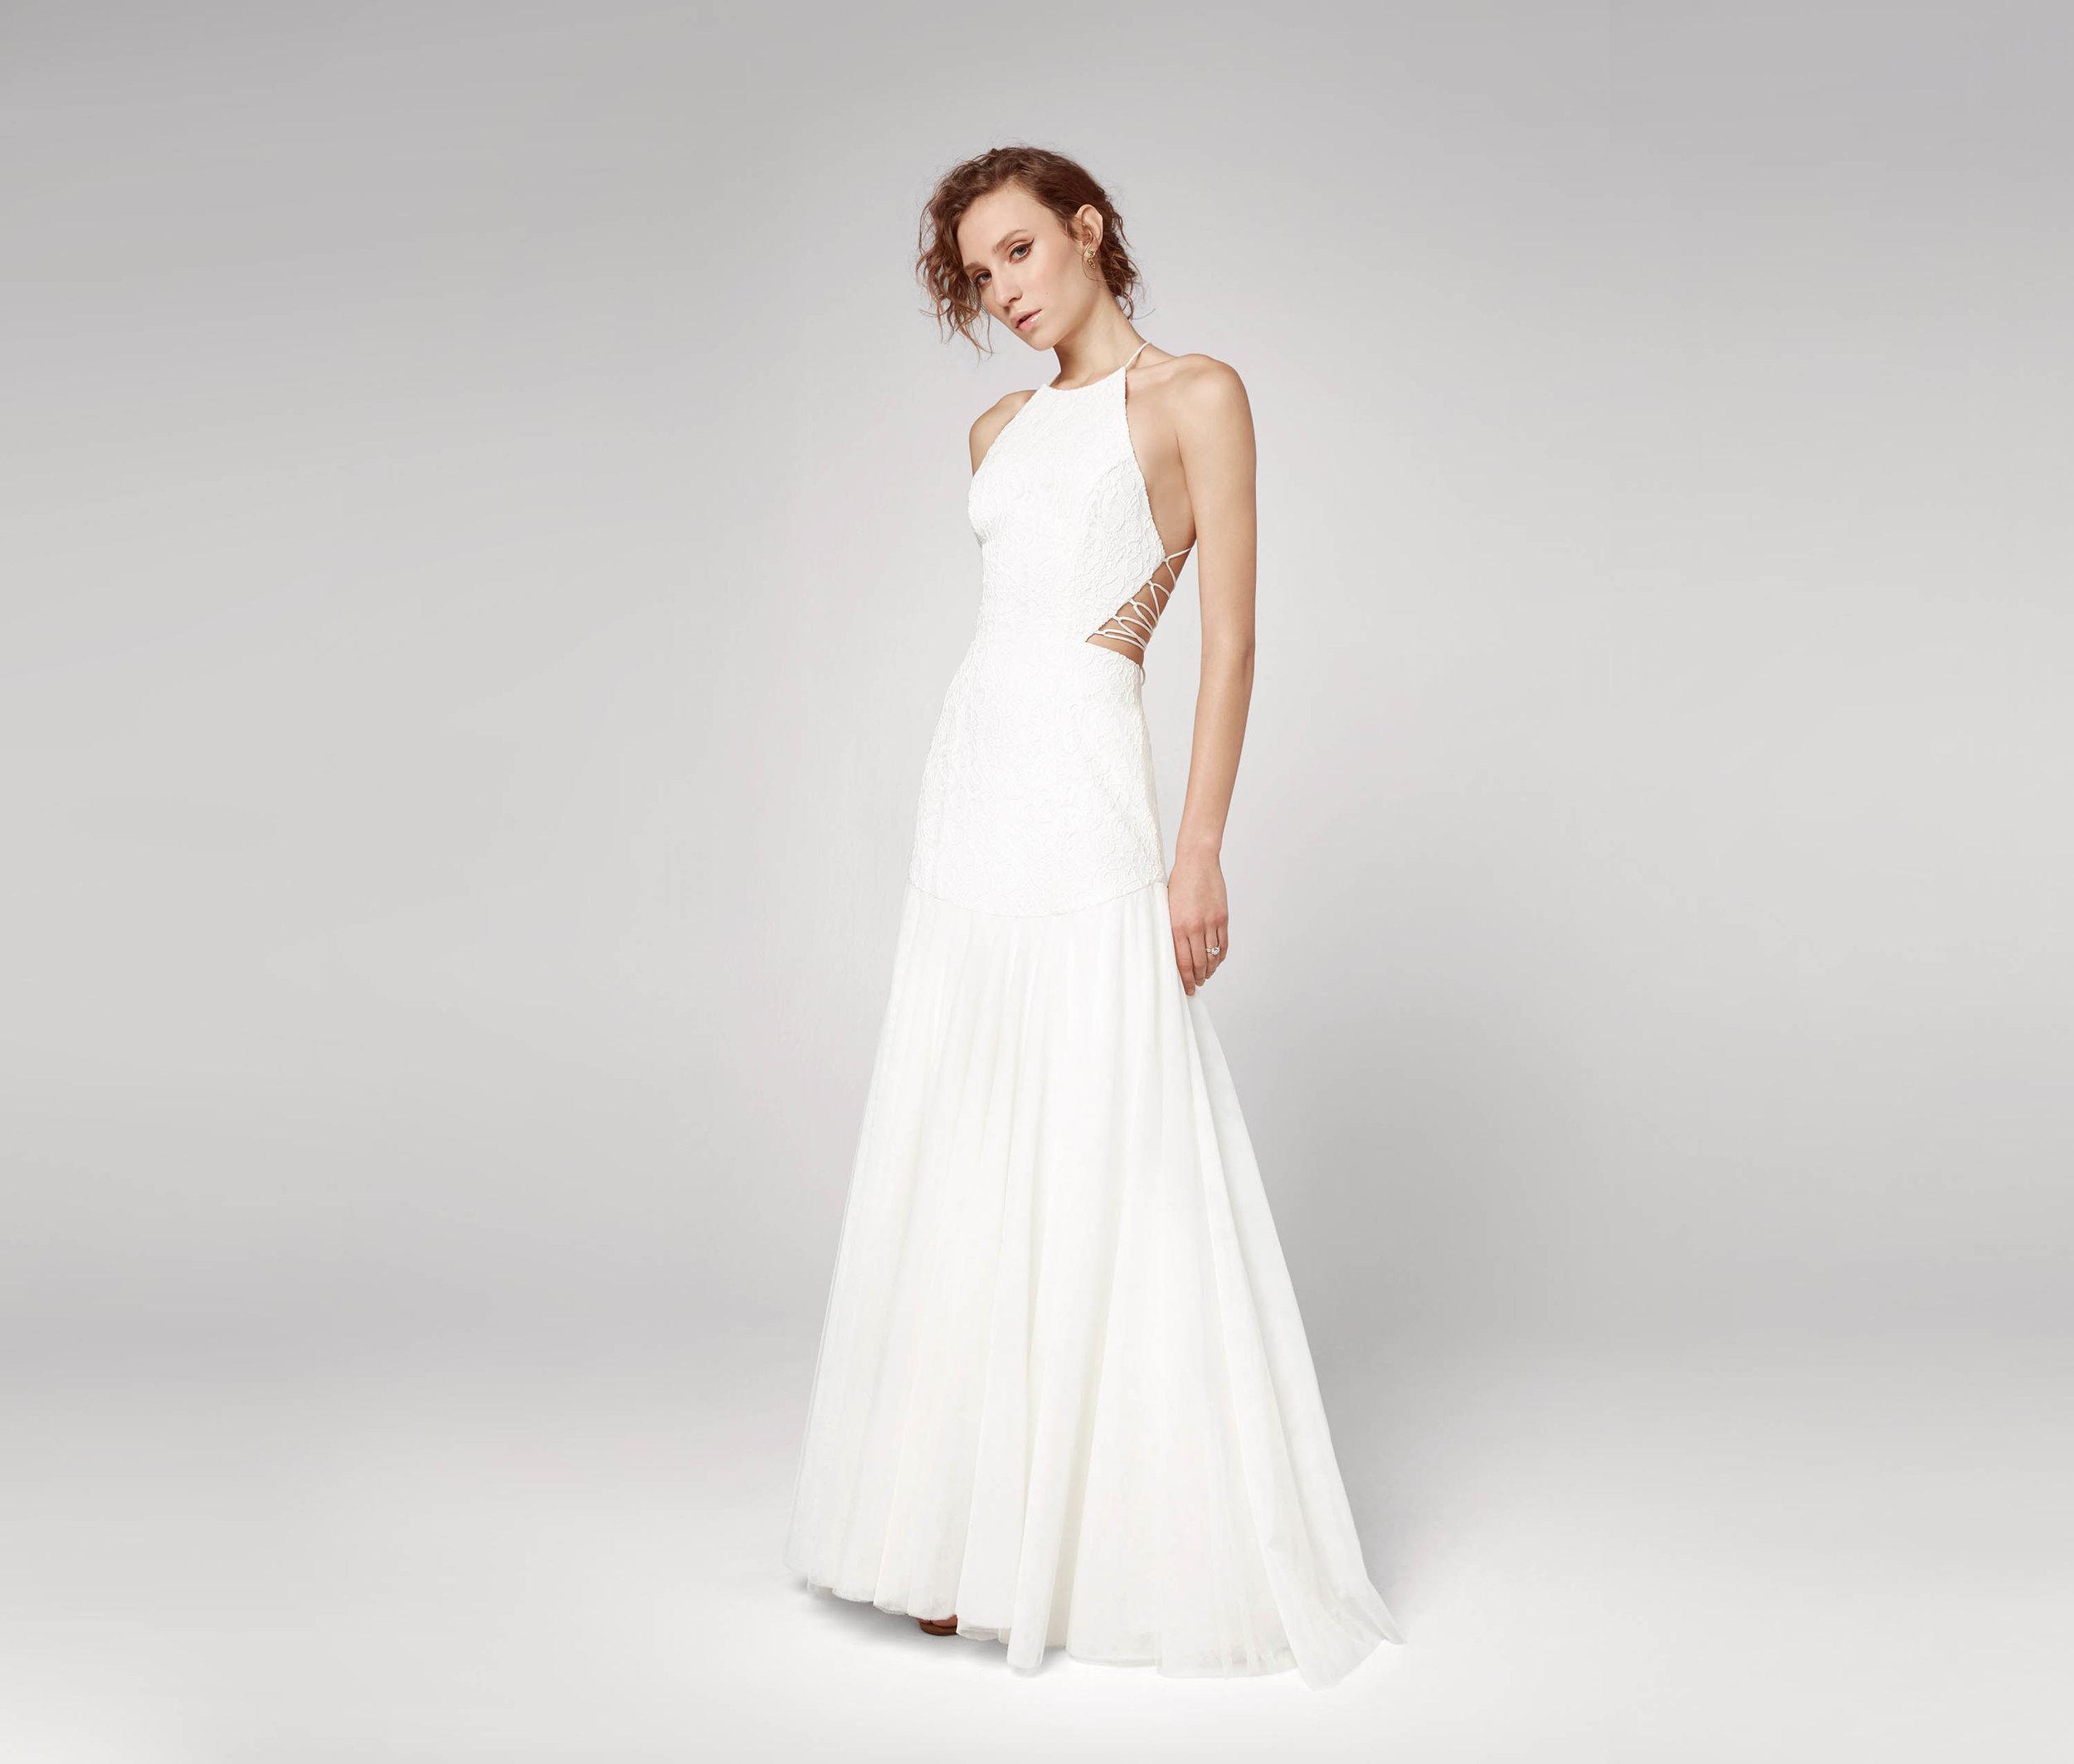 Wedding Dress Designer | Fame & Partner - Kensie | Love Find Co.